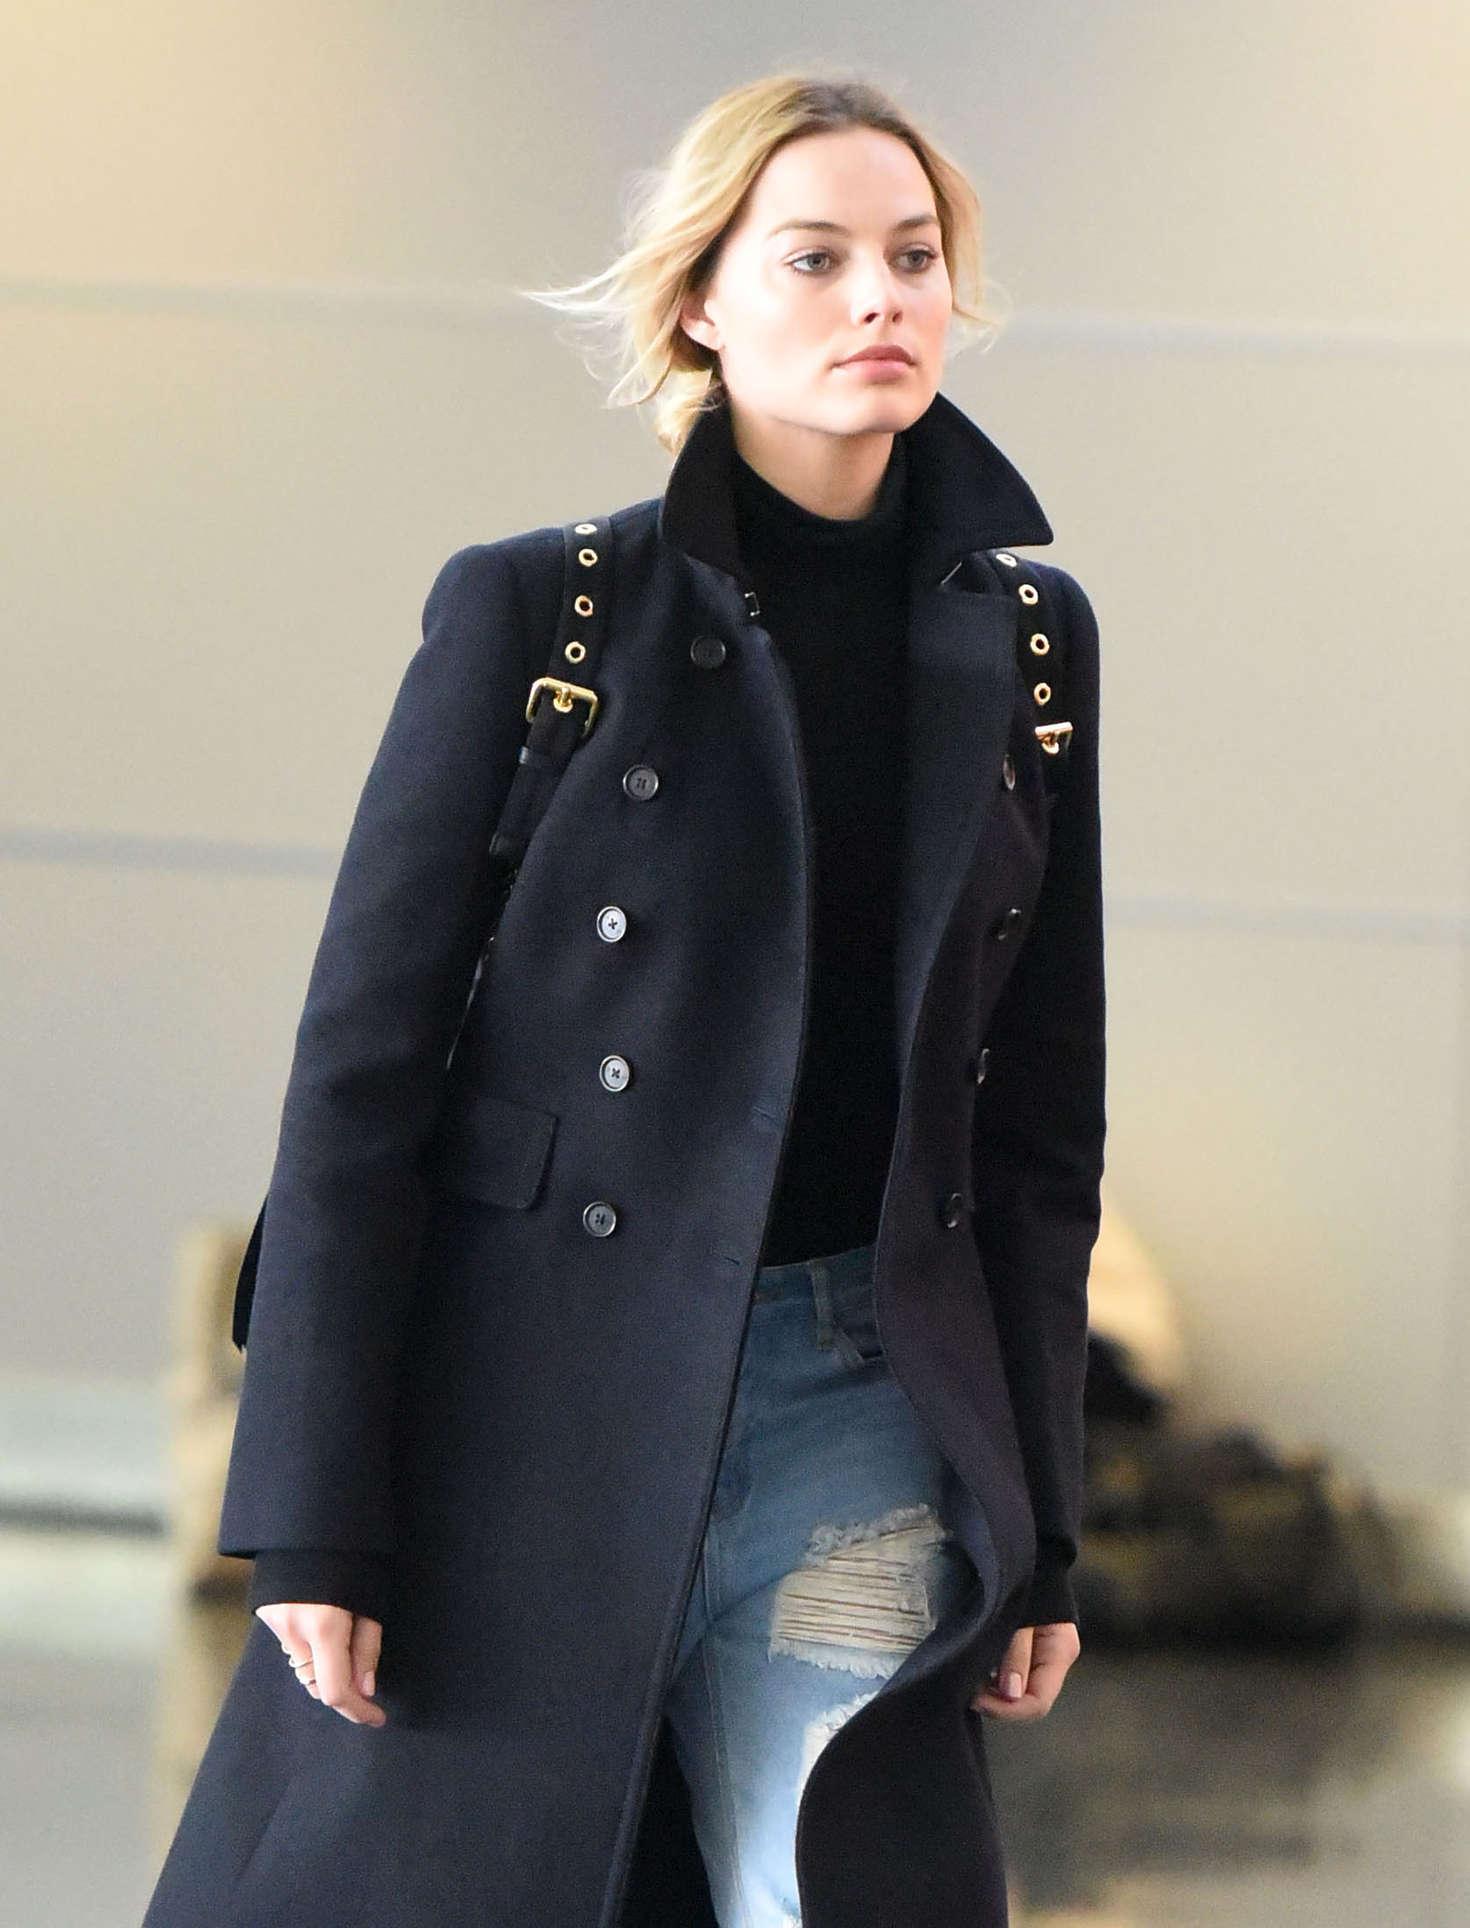 Margot Robbie - JFK Airport in New York City